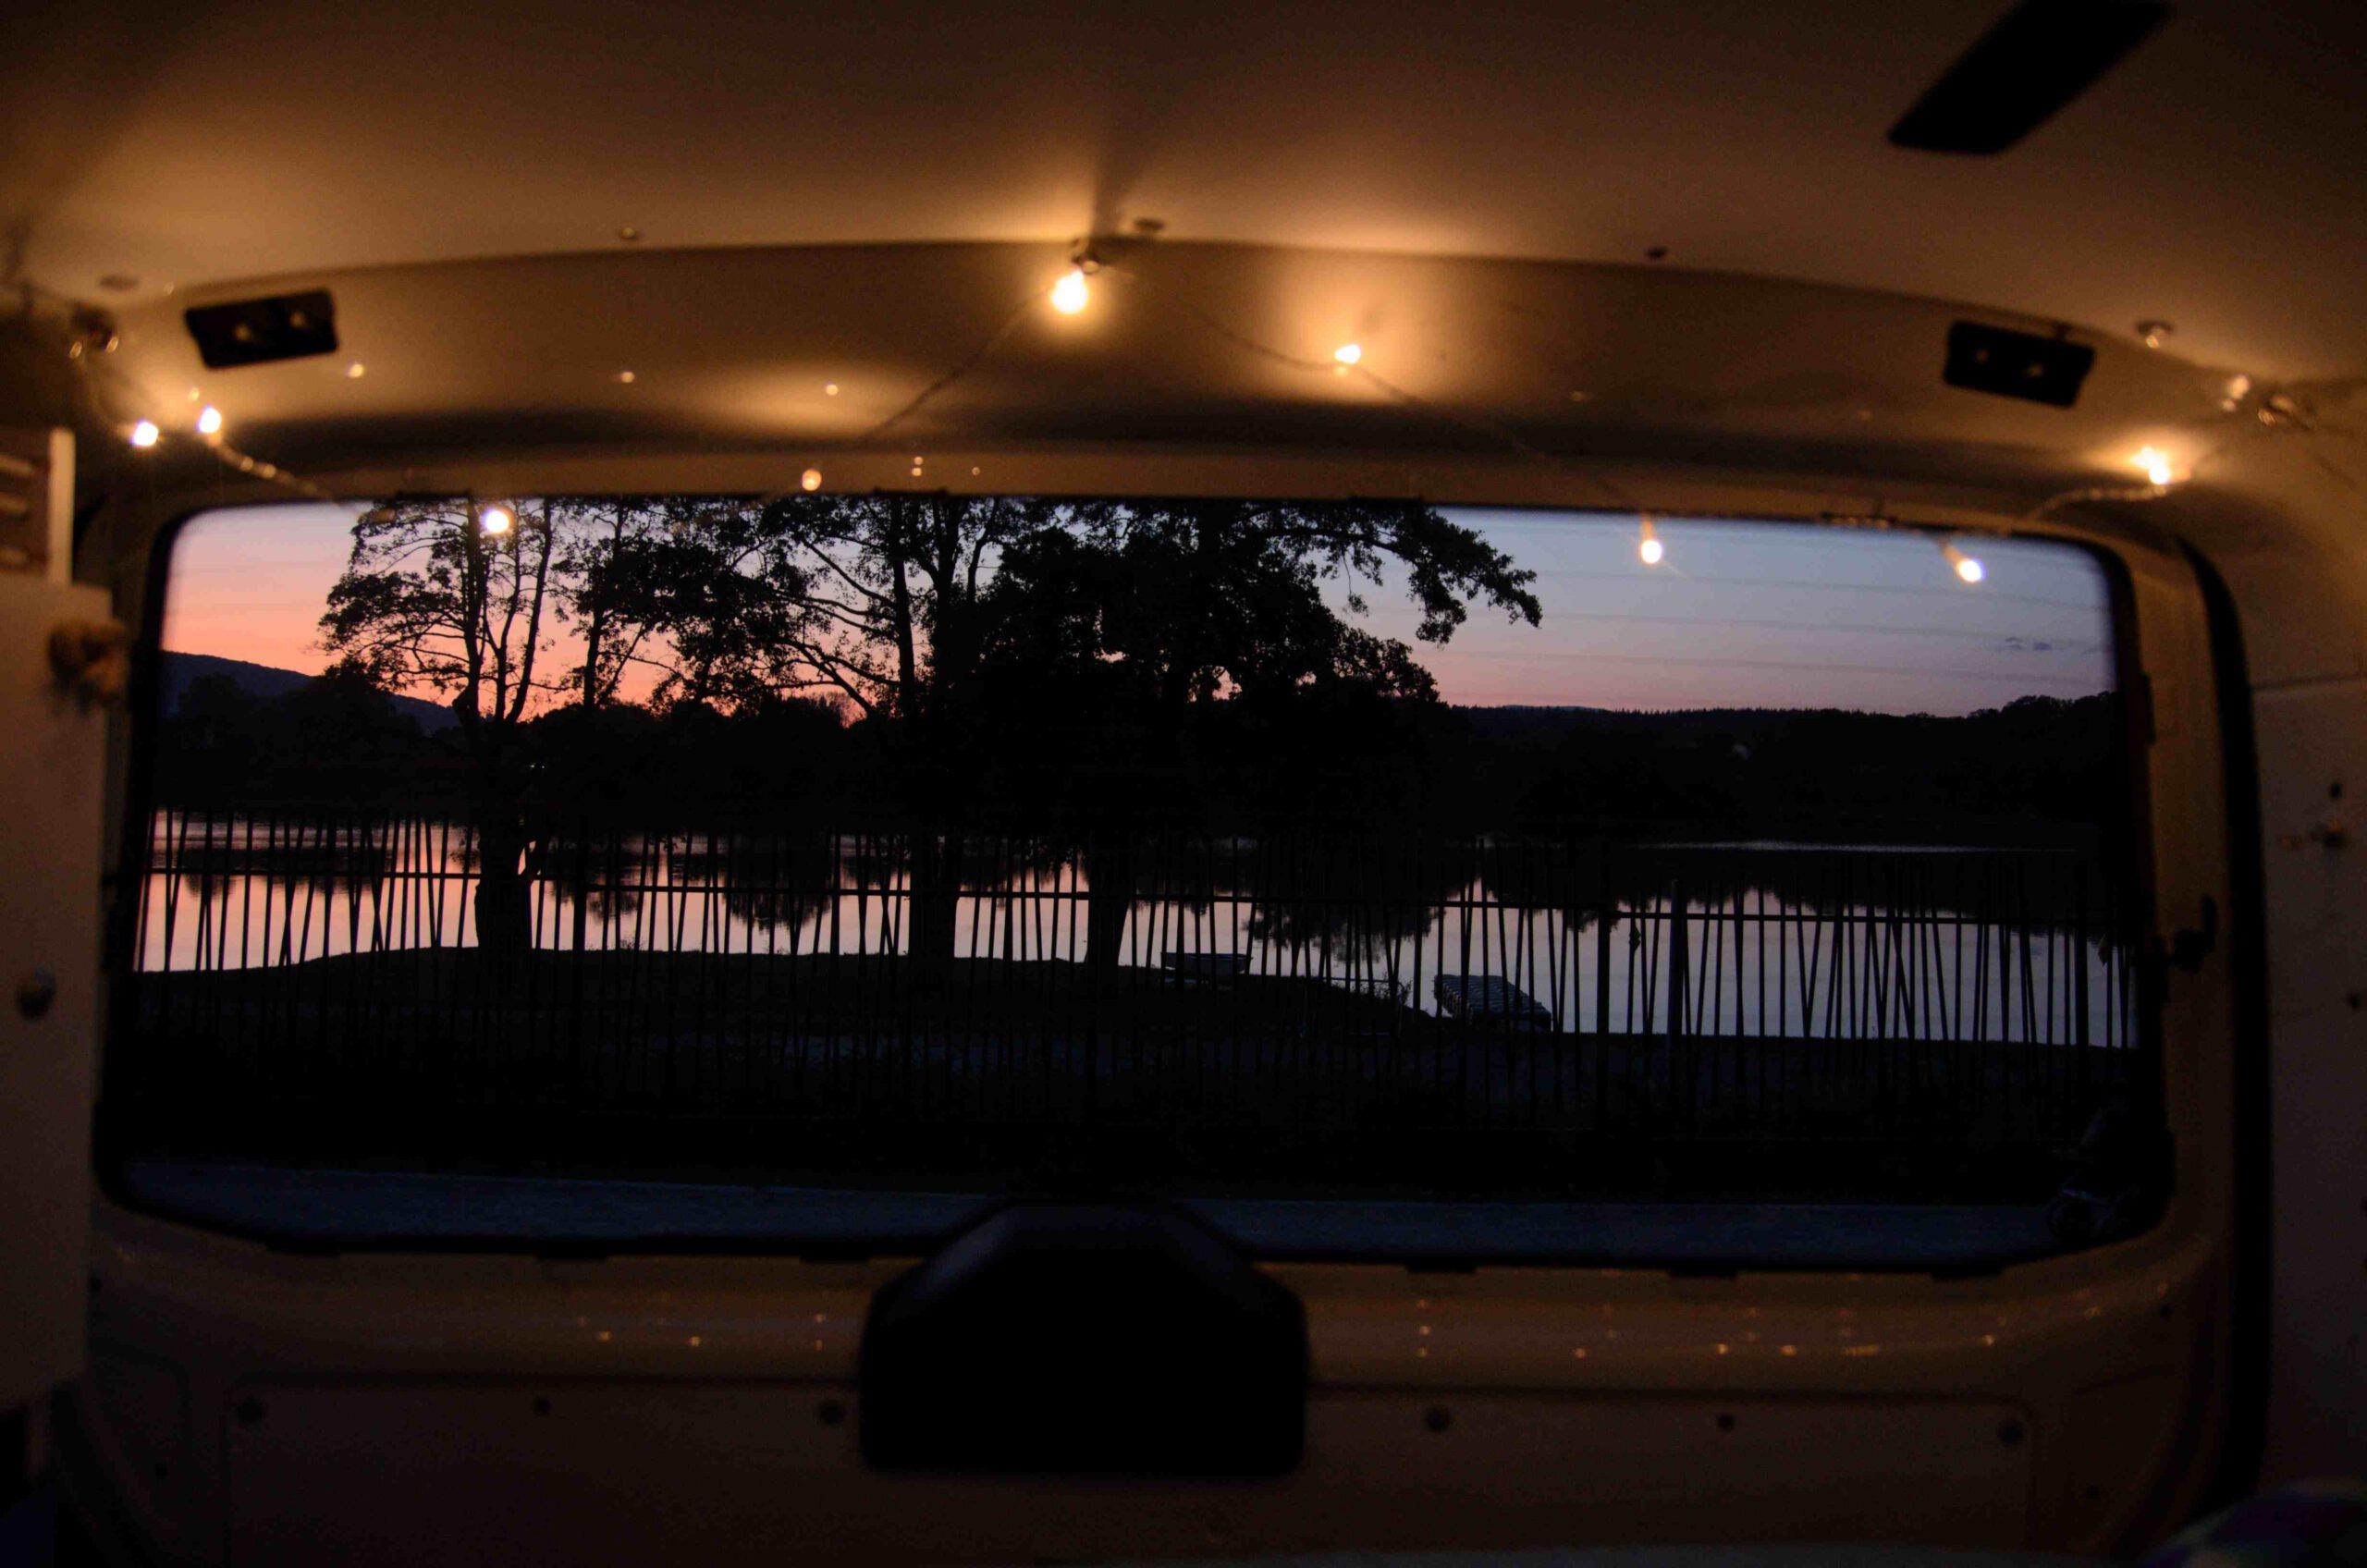 Der Sonnenuntergang hinger einem See, fotografiert durch die Heckscheibe von Tiffy mit einer Lichterkette als Deko